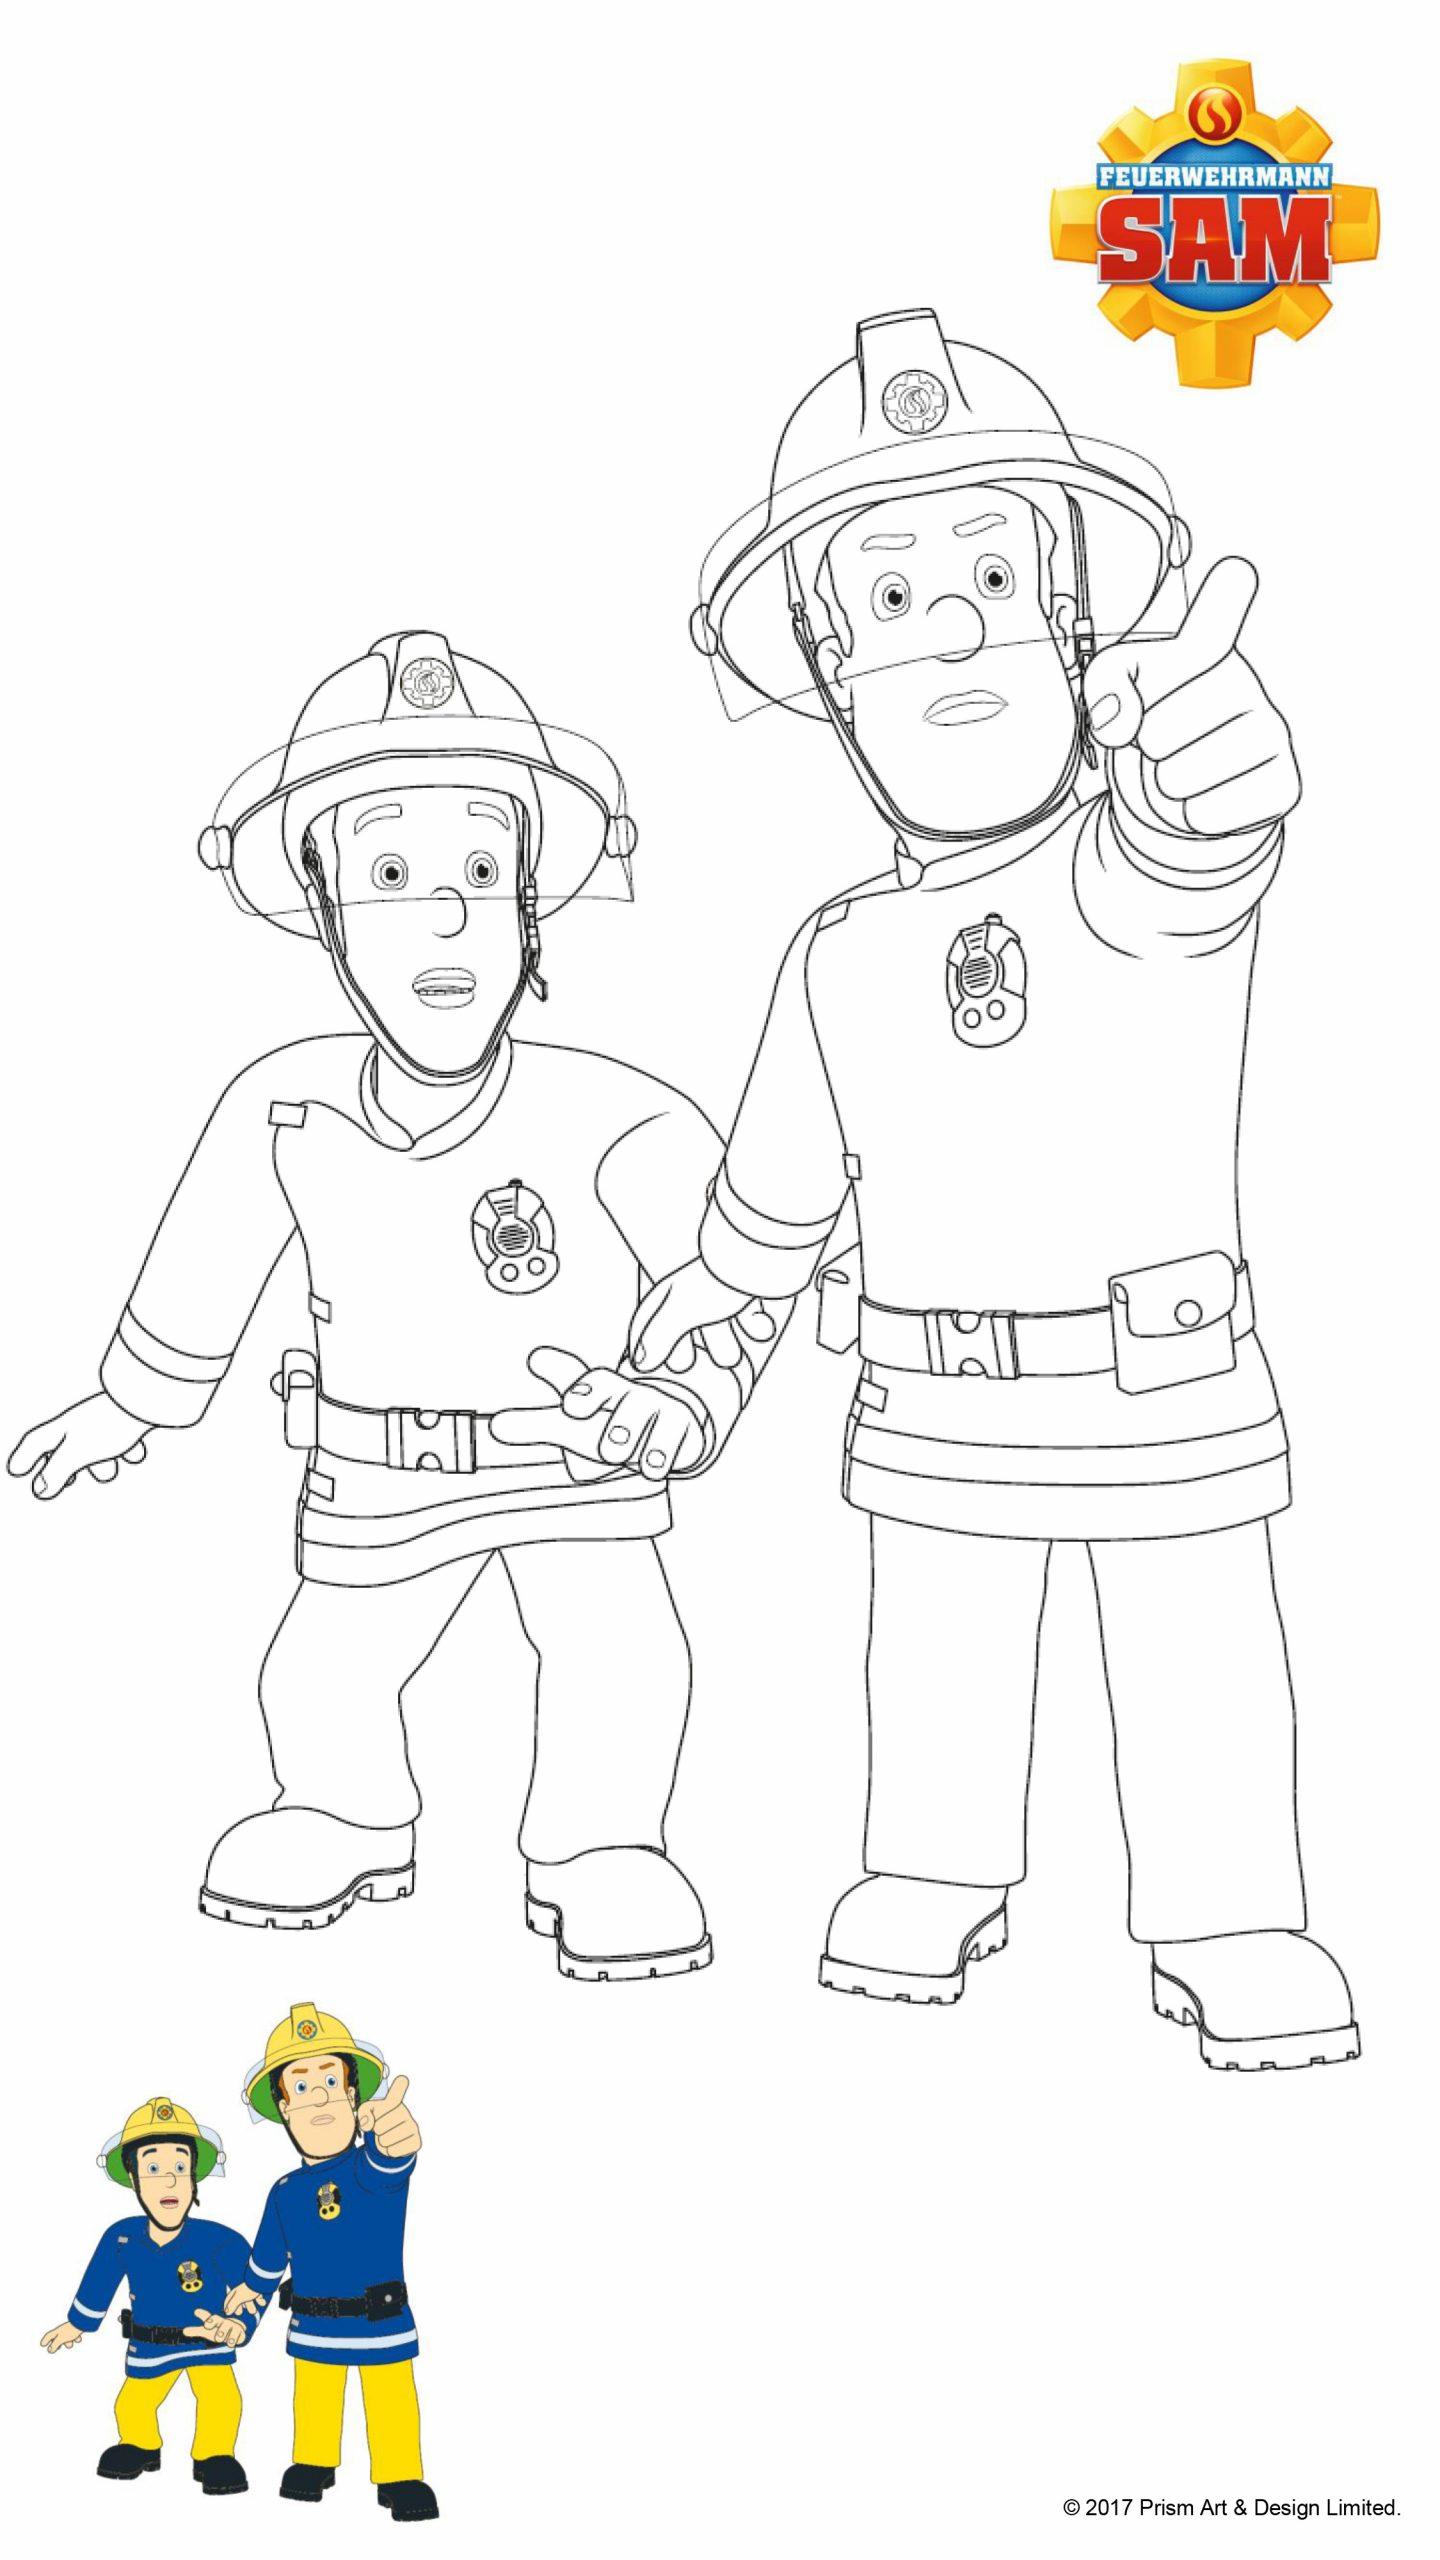 Feuerwehrmann Sam Ausmalbilder   Mytoys Blog verwandt mit Feuerwehrmann Sam Malvorlage